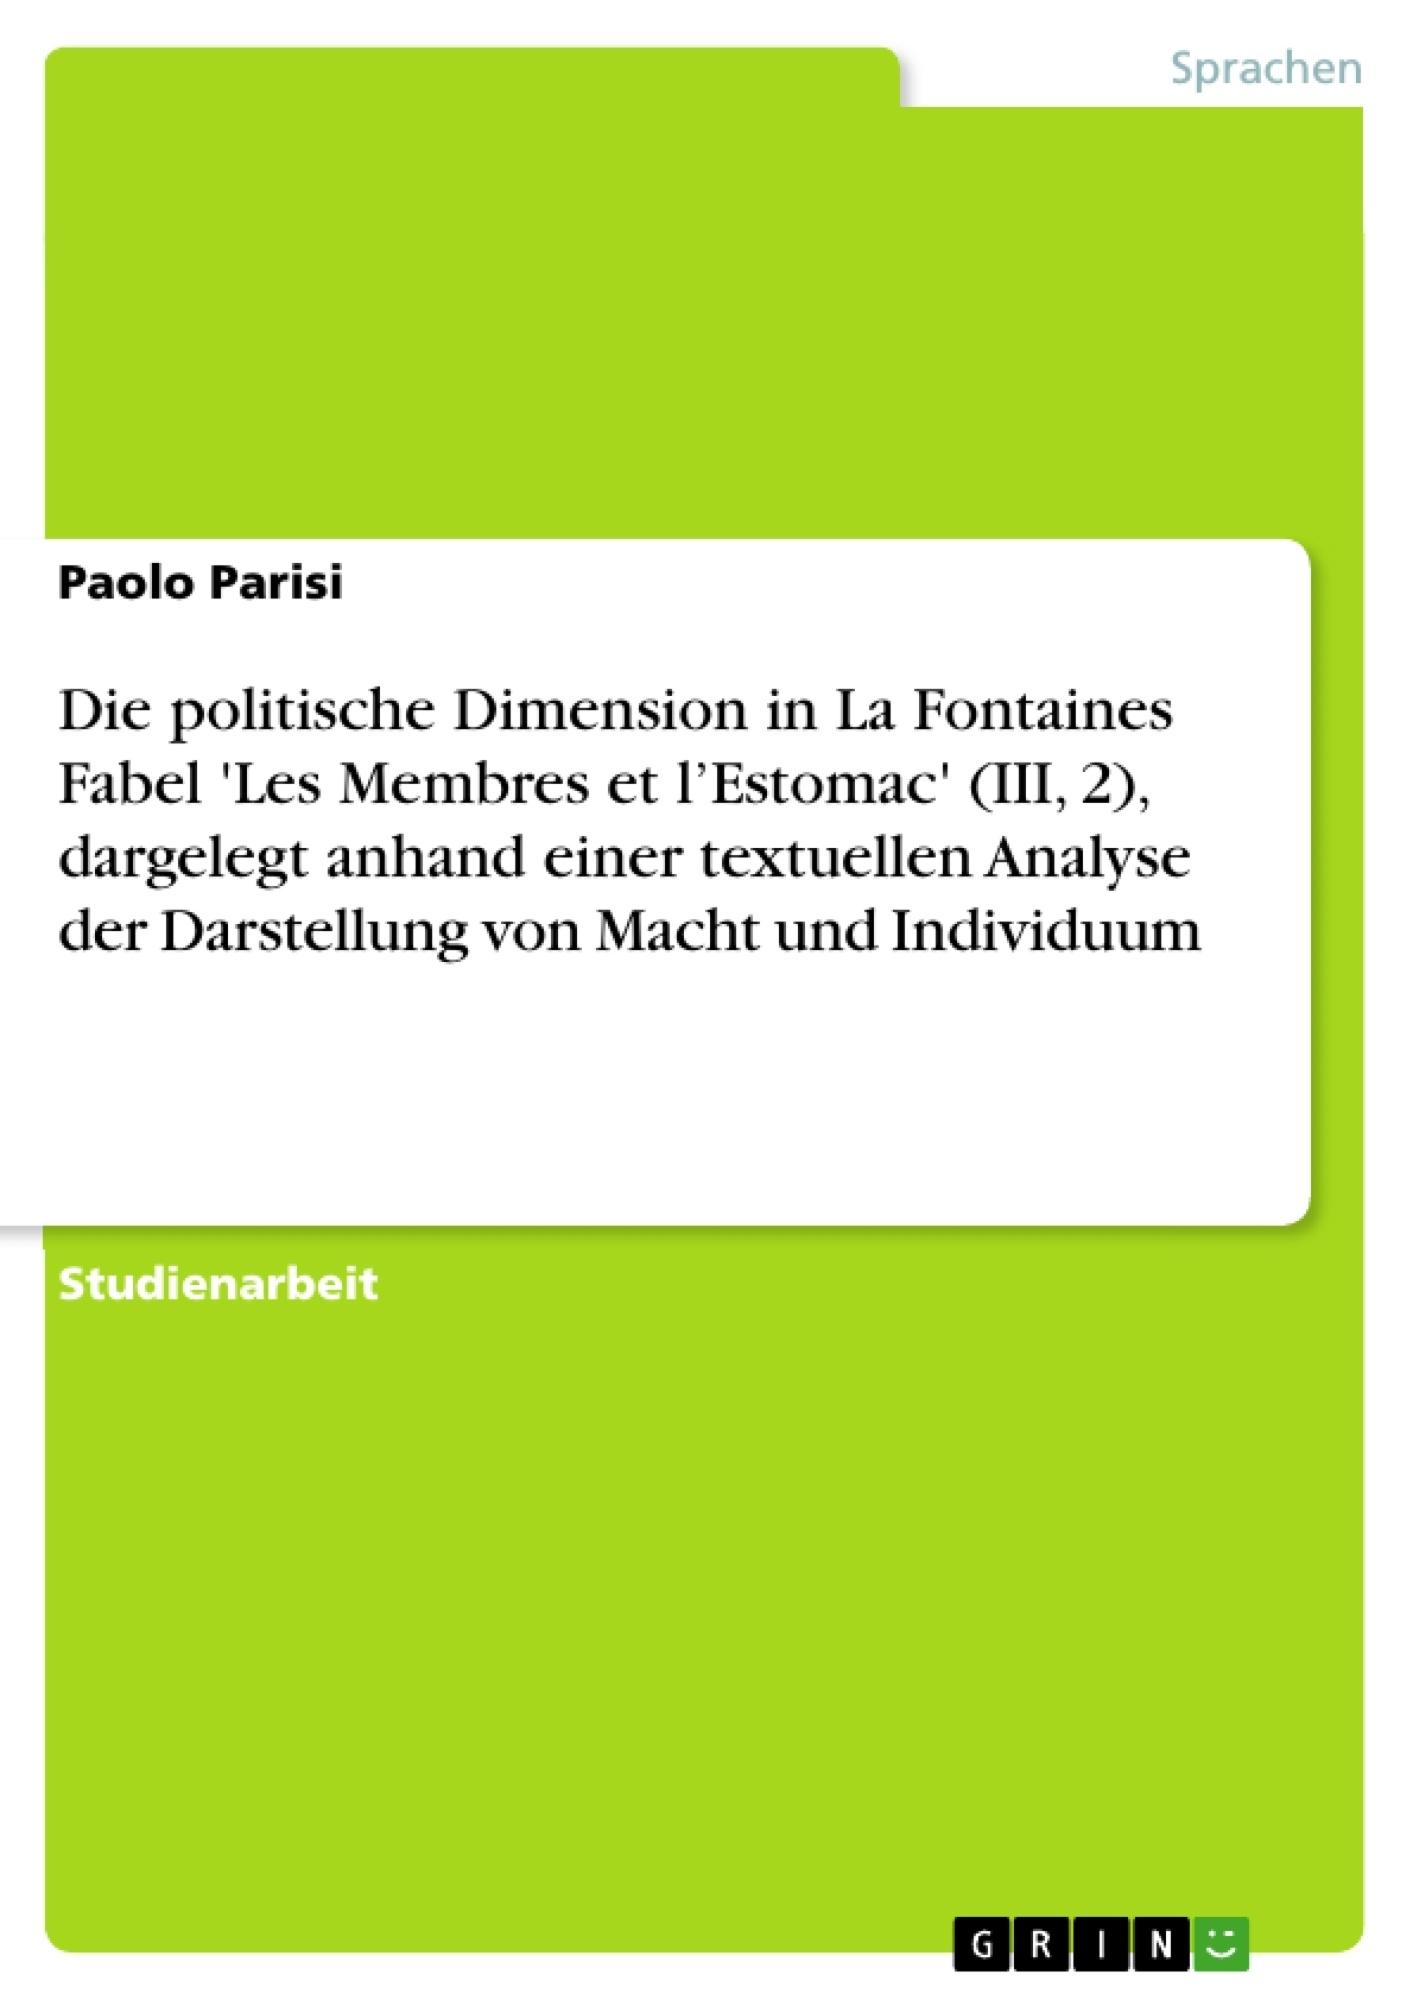 Titel: Die politische Dimension in La Fontaines Fabel 'Les Membres et l'Estomac' (III, 2), dargelegt anhand einer textuellen Analyse der Darstellung von Macht und Individuum